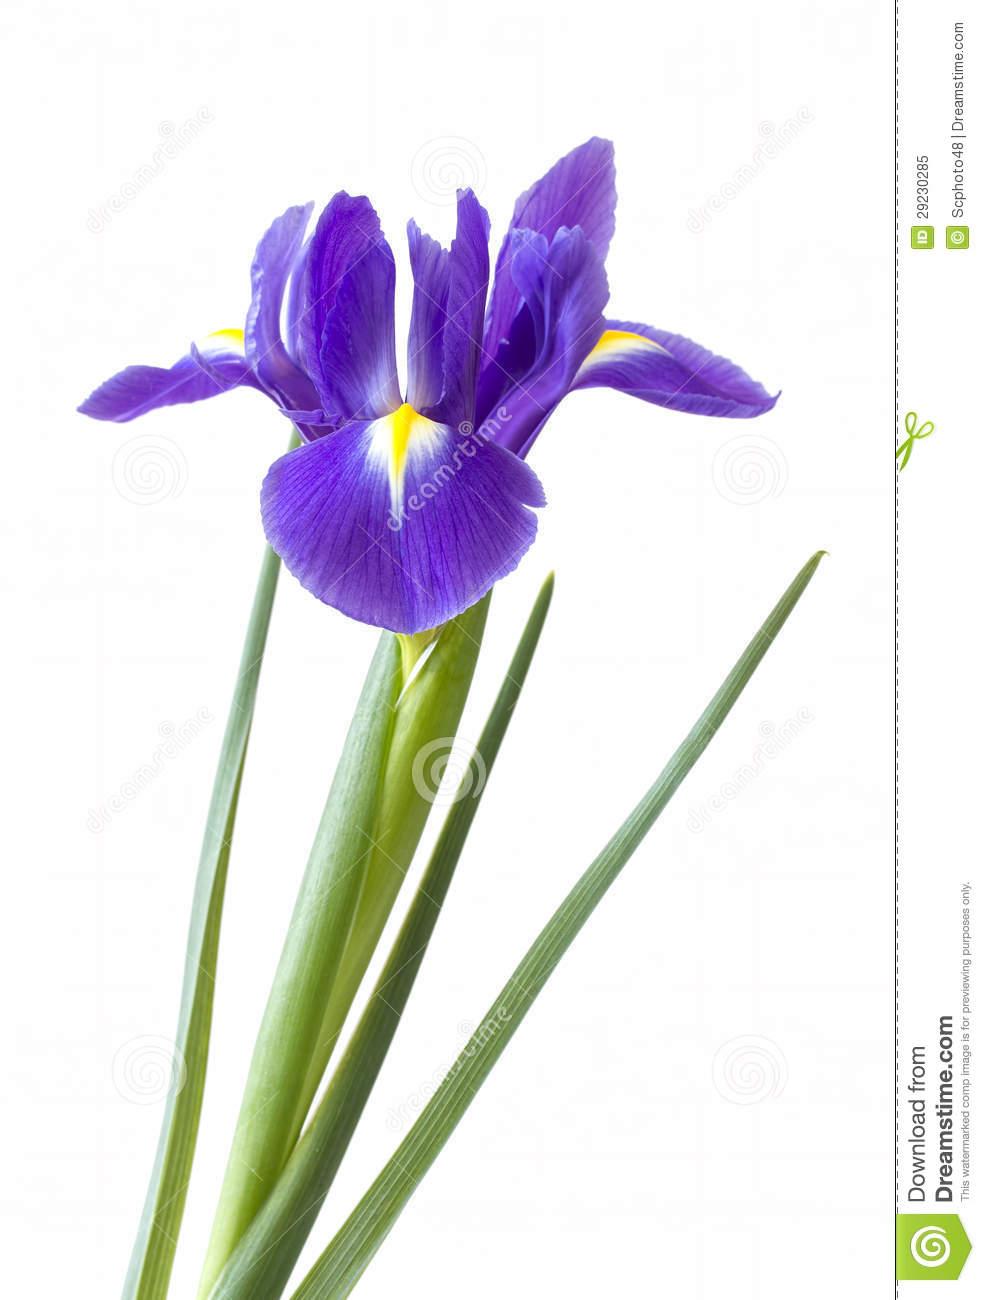 Iris flower clipart.